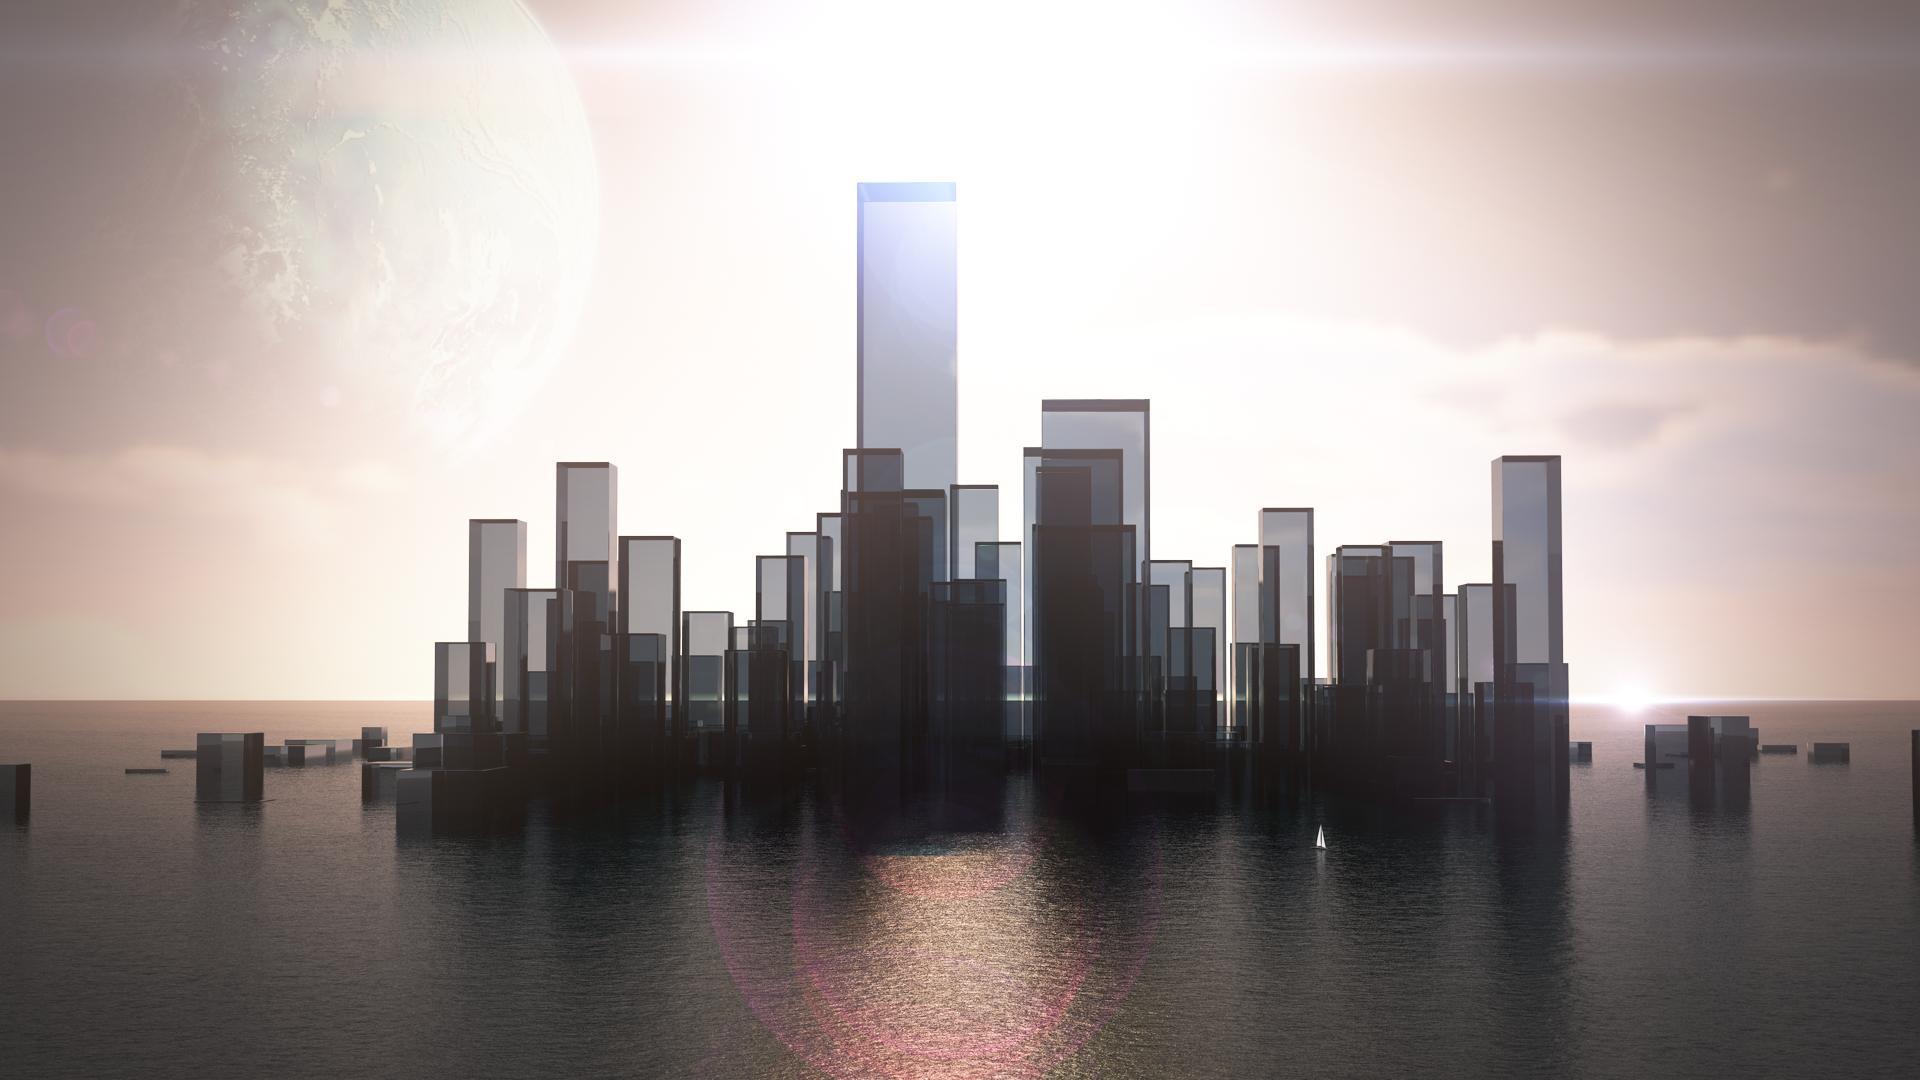 абстрактный город в картинках